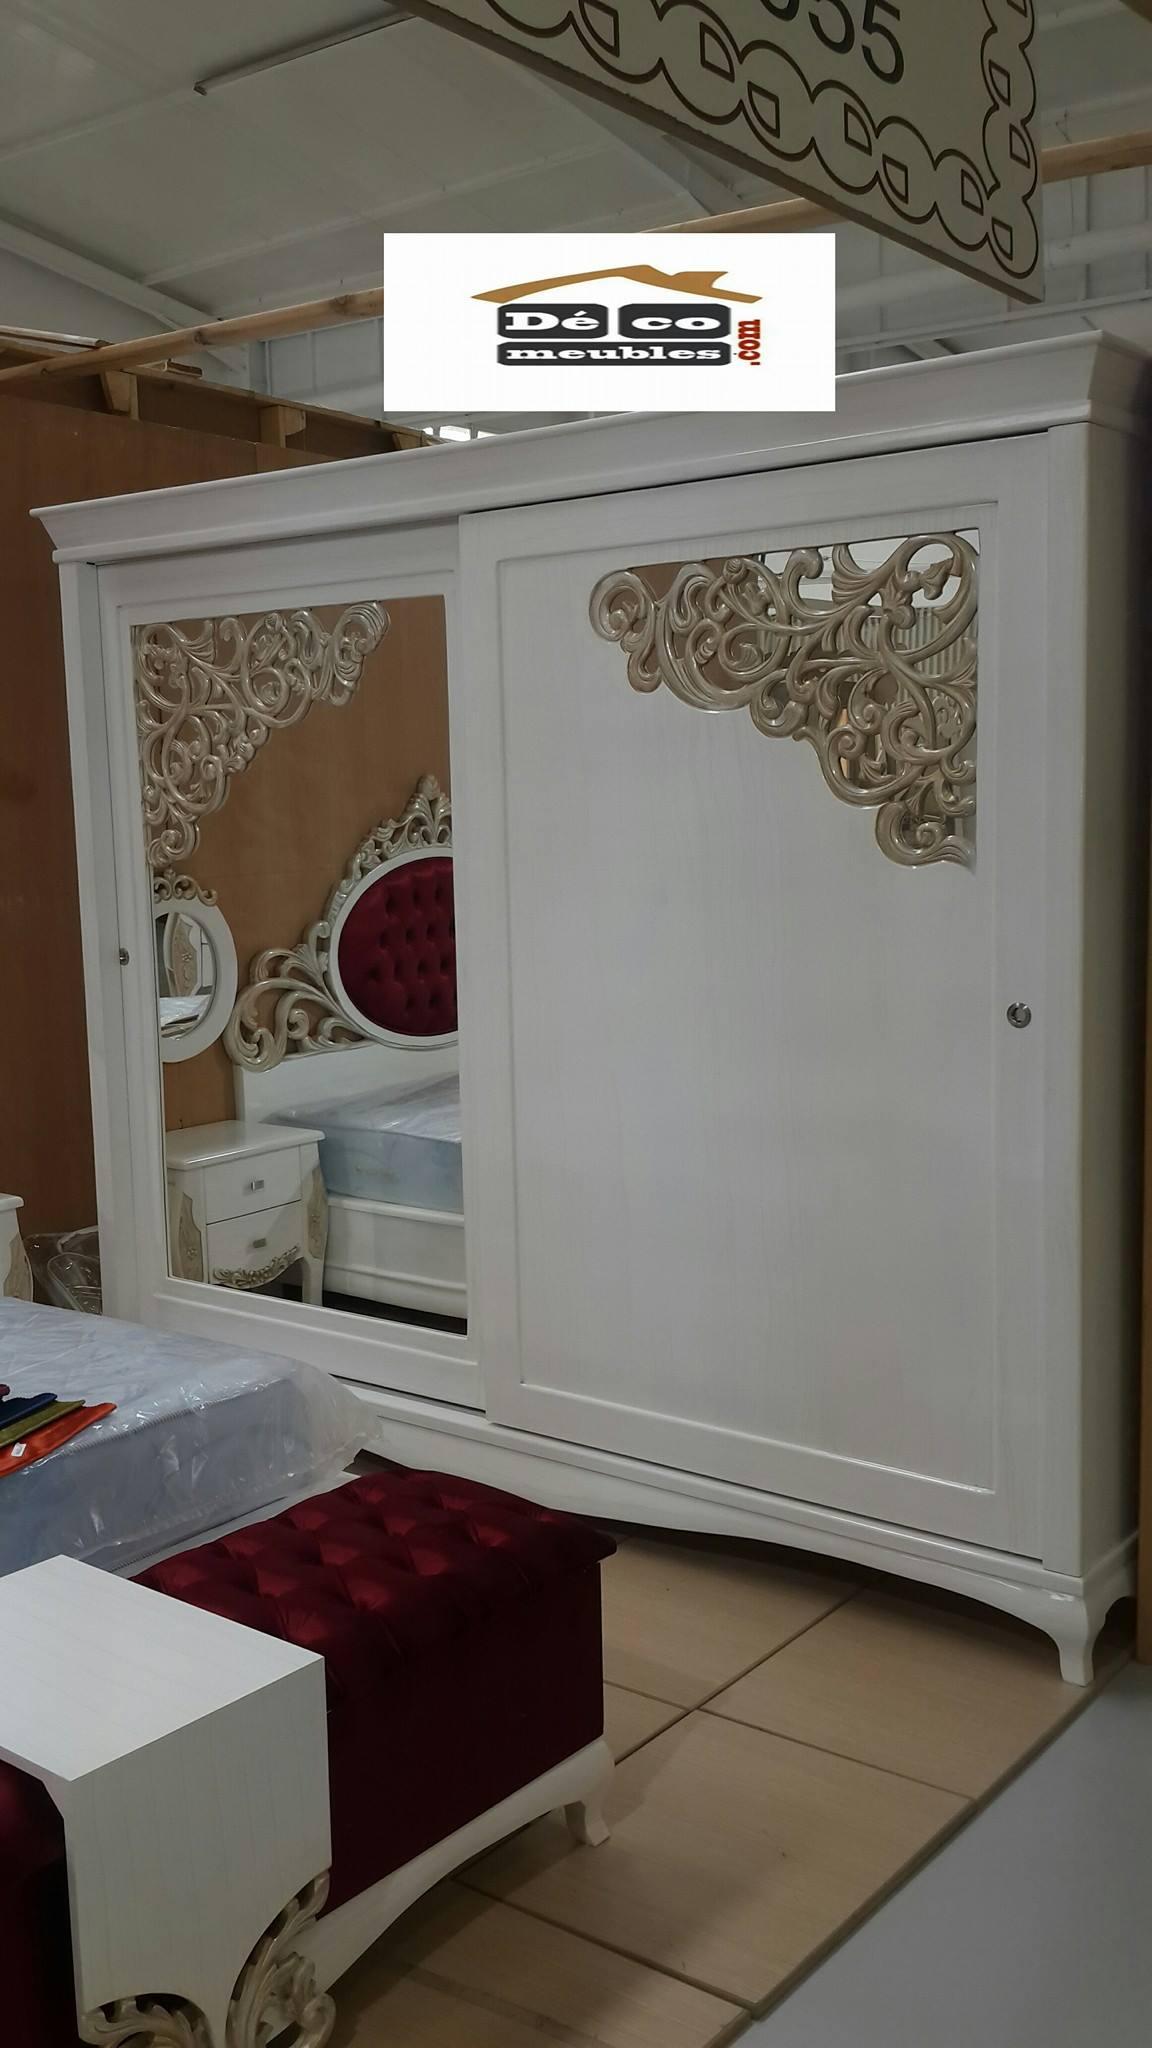 Chambre A Coucher En Tunisie 032227 La Meilleure Conception D 39 Inspiration Pour